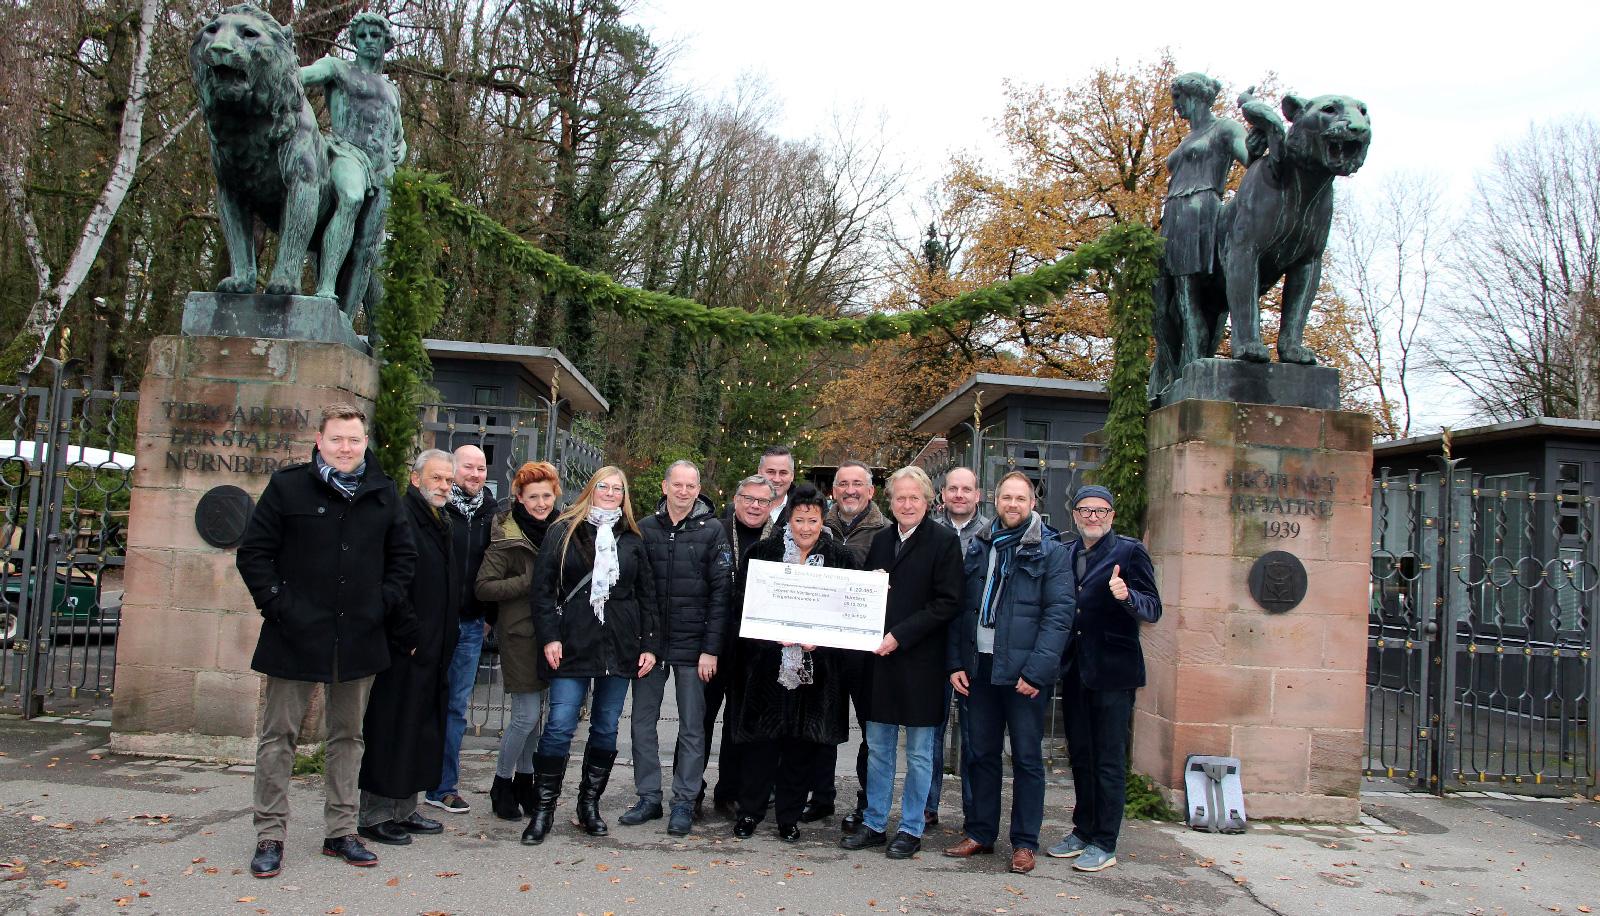 Die Freude über den gelungenen Abend ist Nürnbergs Charitylady Ute Scholz (Mitte), den Helfern und Sponsoren der Gala und den Vertretern der beiden begünstigten Vereine, Dr. Lorenzo von Fersen und Gerhard John, deutlich anzusehen.